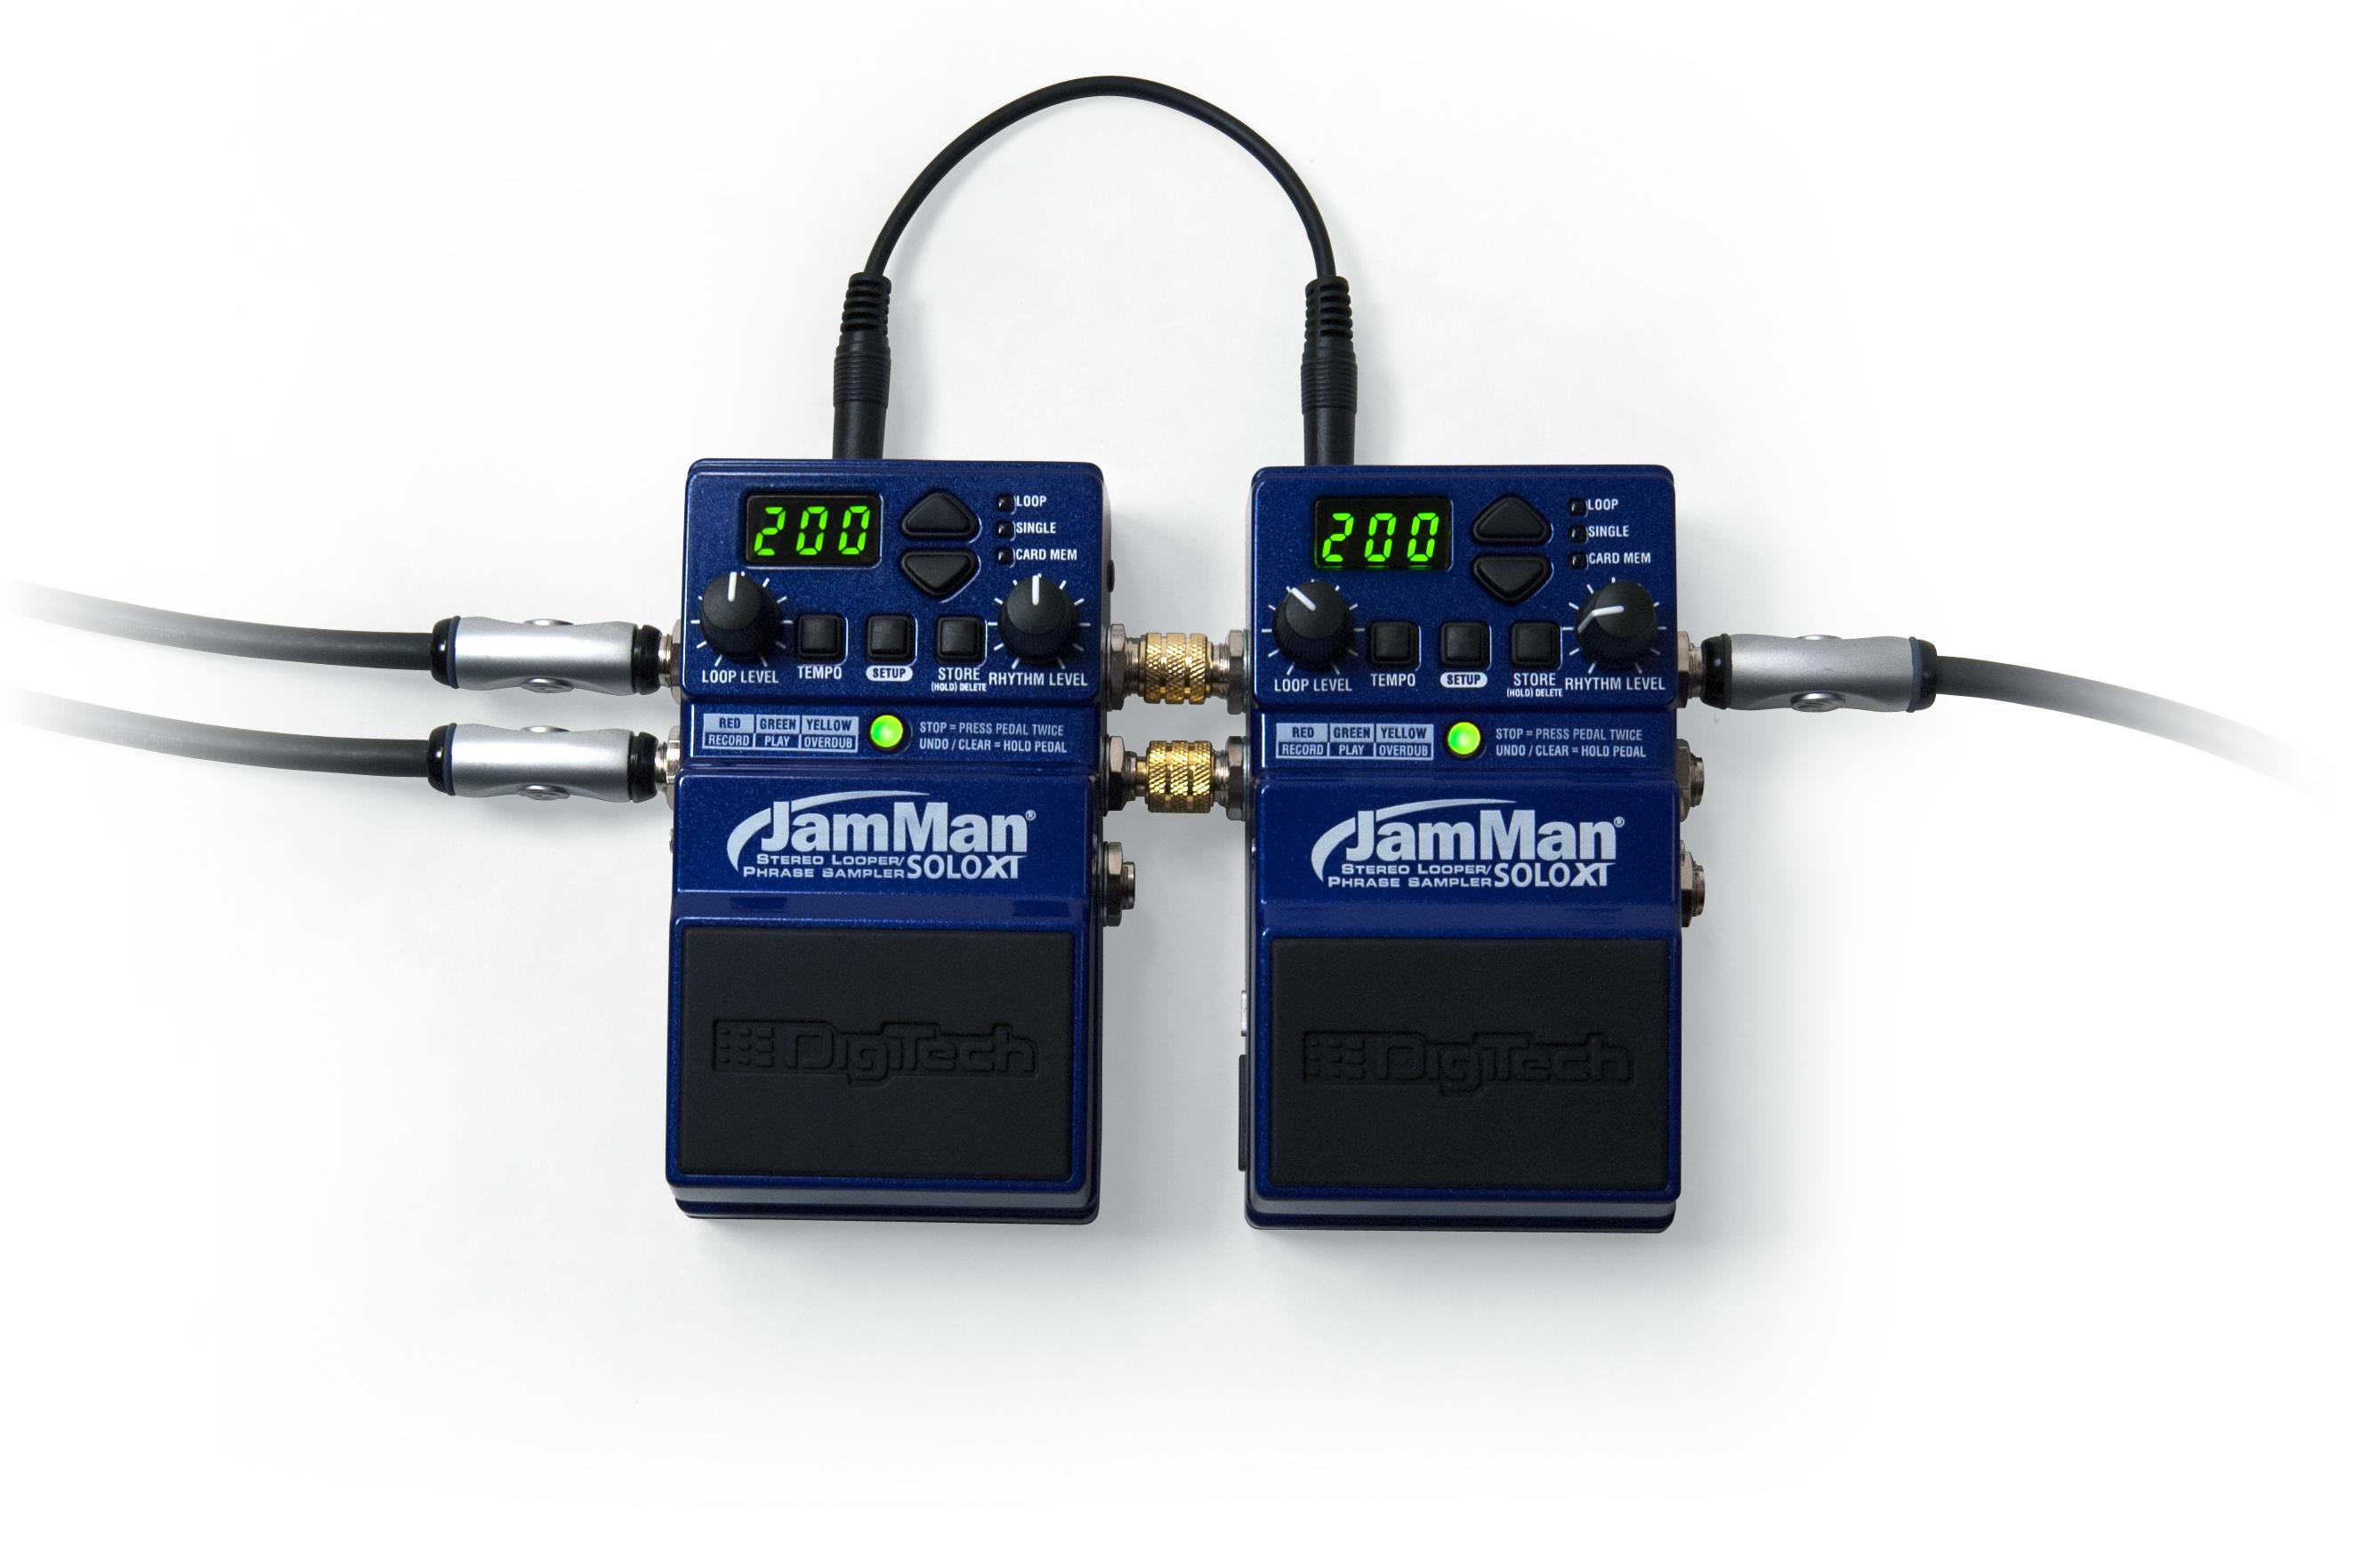 Jamman Solo Xt Digitech Guitar Effects Beginning Circuitry Build A Metronome